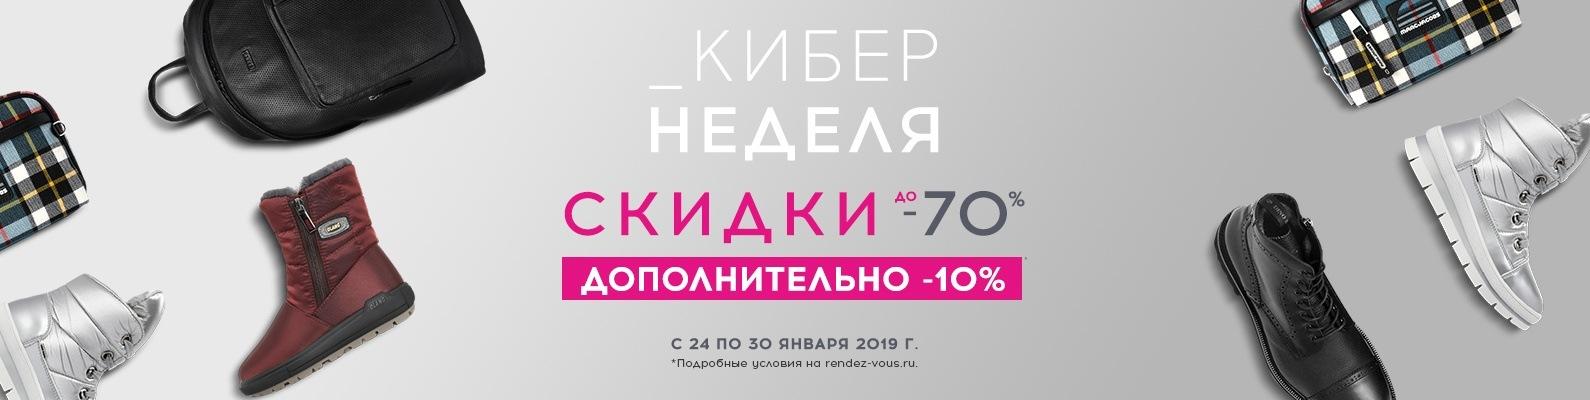 Rendez-Vous (Рандеву)   ВКонтакте 8de2c6a4924